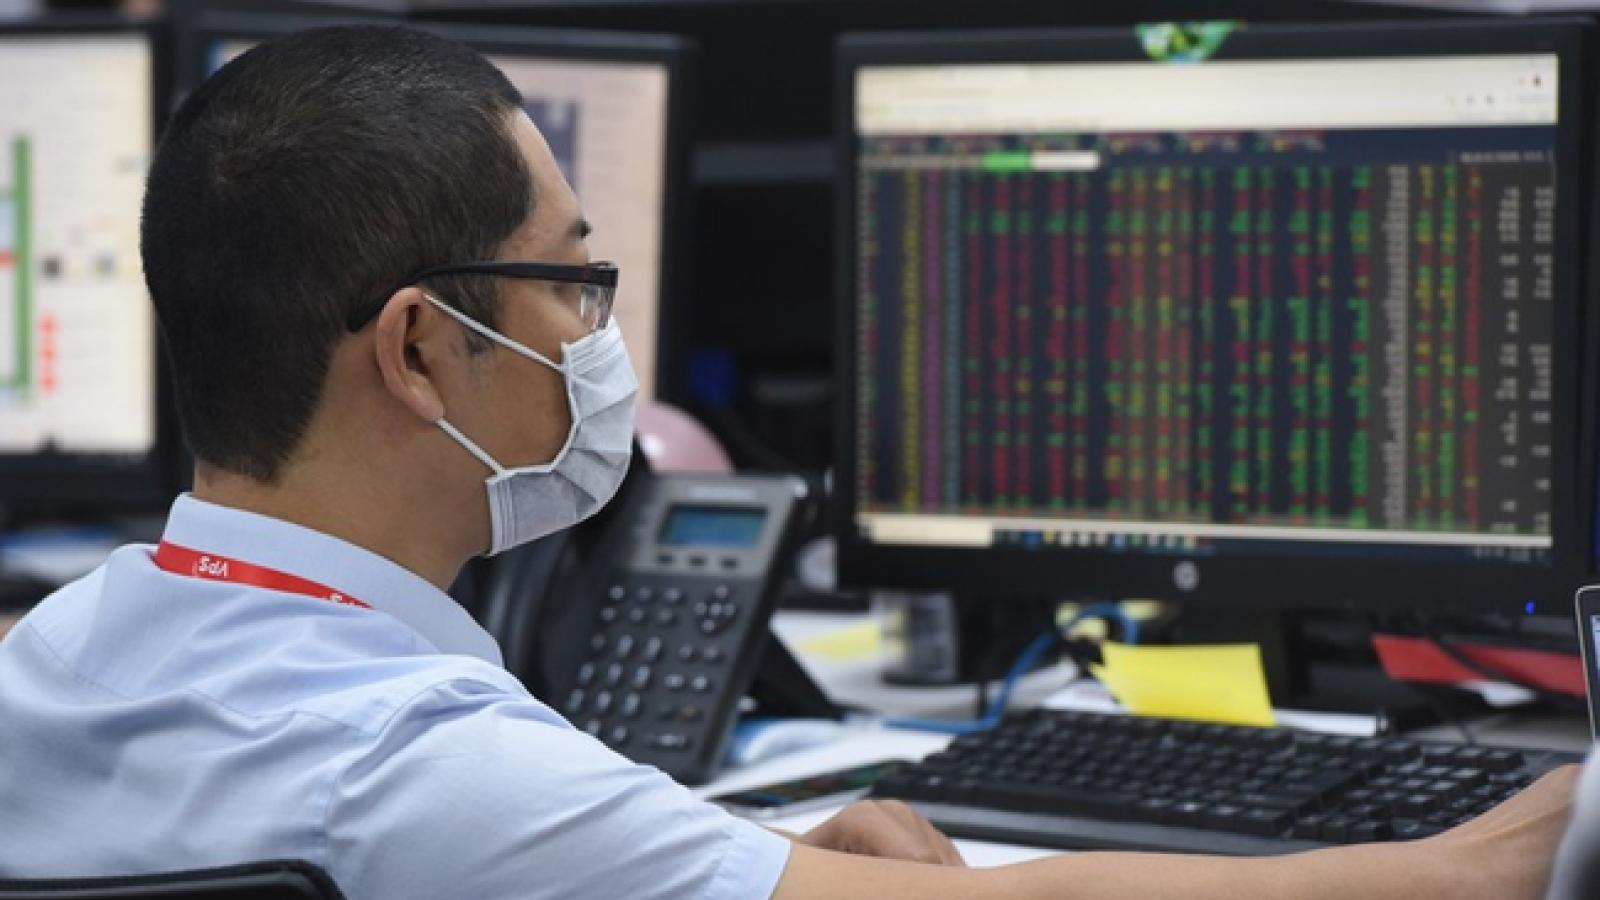 Thị trường chứng khoán đang trong giai đoạn hồi phục kỹ thuật